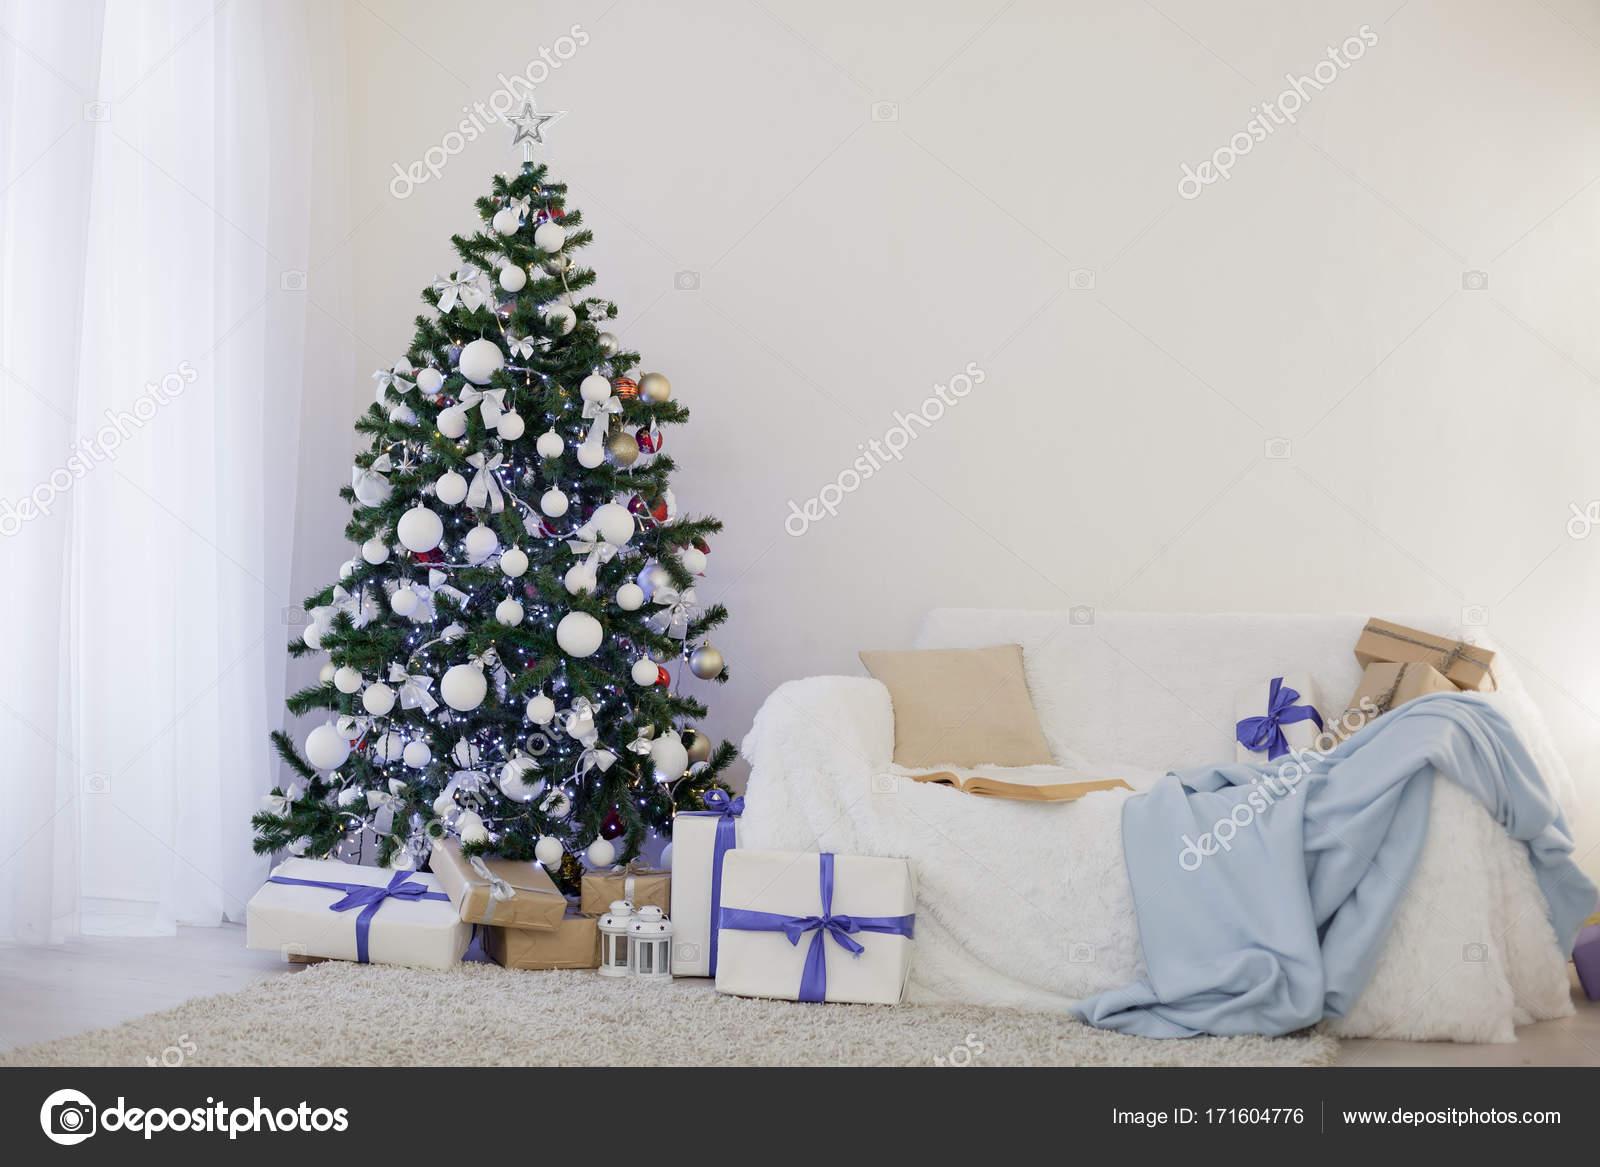 Decorazioni Per Casa Di Natale : Albero di natale decorazioni per la casa u foto stock dsimakov